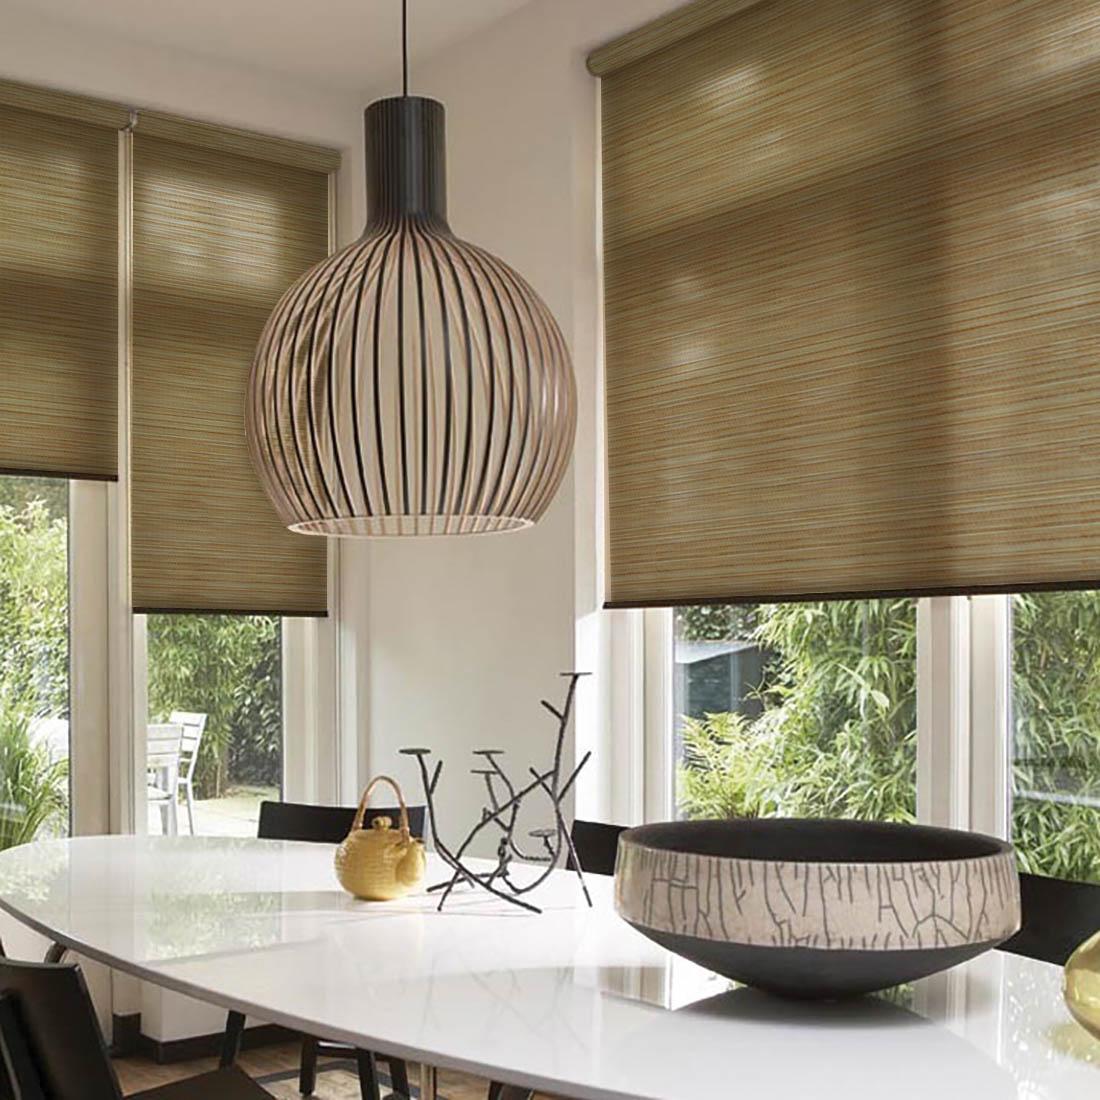 Шторы из бамбука – оригинальный современный аксессуар для создания необычного интерьера в восточном или минималистичном стиле. Особенность устройства полотна позволяет свободно пропускать дневной свет, что обеспечивает мягкое освещение комнаты. Это натуральный влагостойкий материал, который легко вписывается в любой интерьер, хорошо сочетается с различной мебелью и элементами отделки. Использование бамбукового полотна придает помещению необычный вид и визуально расширяет пространство. Кронштейны - специальные крючки-держатели, которые крепятся на поверхность, а на них крепится штора. Такой вид крепления обычно используется для рулонных, французских, римских или австрийских штор. Кронштейны держат конструкцию из вала (карниза), на котором находится полотно, и механизма подъема/опускания шторы.ВНИМАНИЕ! Комплектация штор может отличаться от представленной на фотографии. Фактическая комплектация указана в описании изделия.Производитель: Dome. Cтрана бренда: Дания.Рулонные шторы. Материал портьеры: Бамбук. Состав портьеры: бамбуковое волокно с нитью из полиэстера. Размер портьеры: 73 х 172 см. (1 шт.). Вид крепления: Кронштейны. Тип карниза: Без использования карниза. Рекомендуемая ширина карниза (см.): 75 -150. Светозащита 55-85%.В комплект входят: - Крепления на отрытую створку окна.- Кронштейны для вала со шторкой. - Вал с тканью (шторка). - Цепочка для регулирования шторы.- Утяжелитель для шторки. Крепление на глухую створку, направляющие, фиксатор для цепочного механизма - приобретаются отдельно. Максимальный размер карниза, указанный в описании, предполагает, что Вы будете использовать 2 полотна на одно окно. Обратите внимание на информацию о том, сколько полотен входит в данный комплект изначально. Зачастую шторы продаются по одному полотну, чтобы дать возможность подобрать изделия в желаемом цвете и стиле, создавая свое неповторимое сочетание.Комплектация: 1 портьера, крепления на отрытую створку окна, кронштейны для вала со шторкой, цепочка для регулирования шт